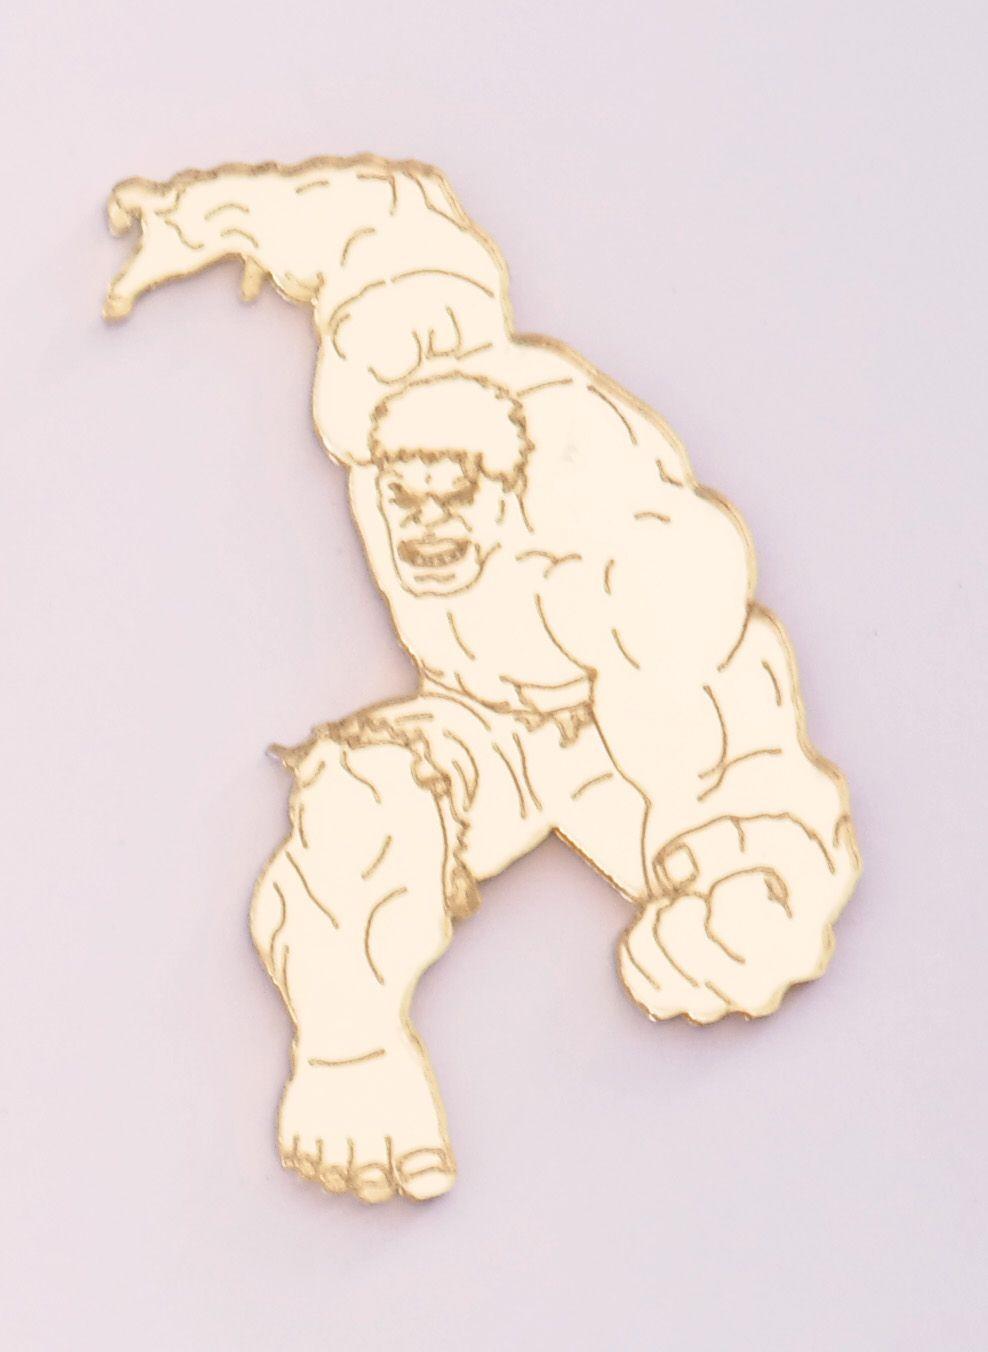 Aplique em acrílico espelhado - Hulk - 5cm - 10 peças